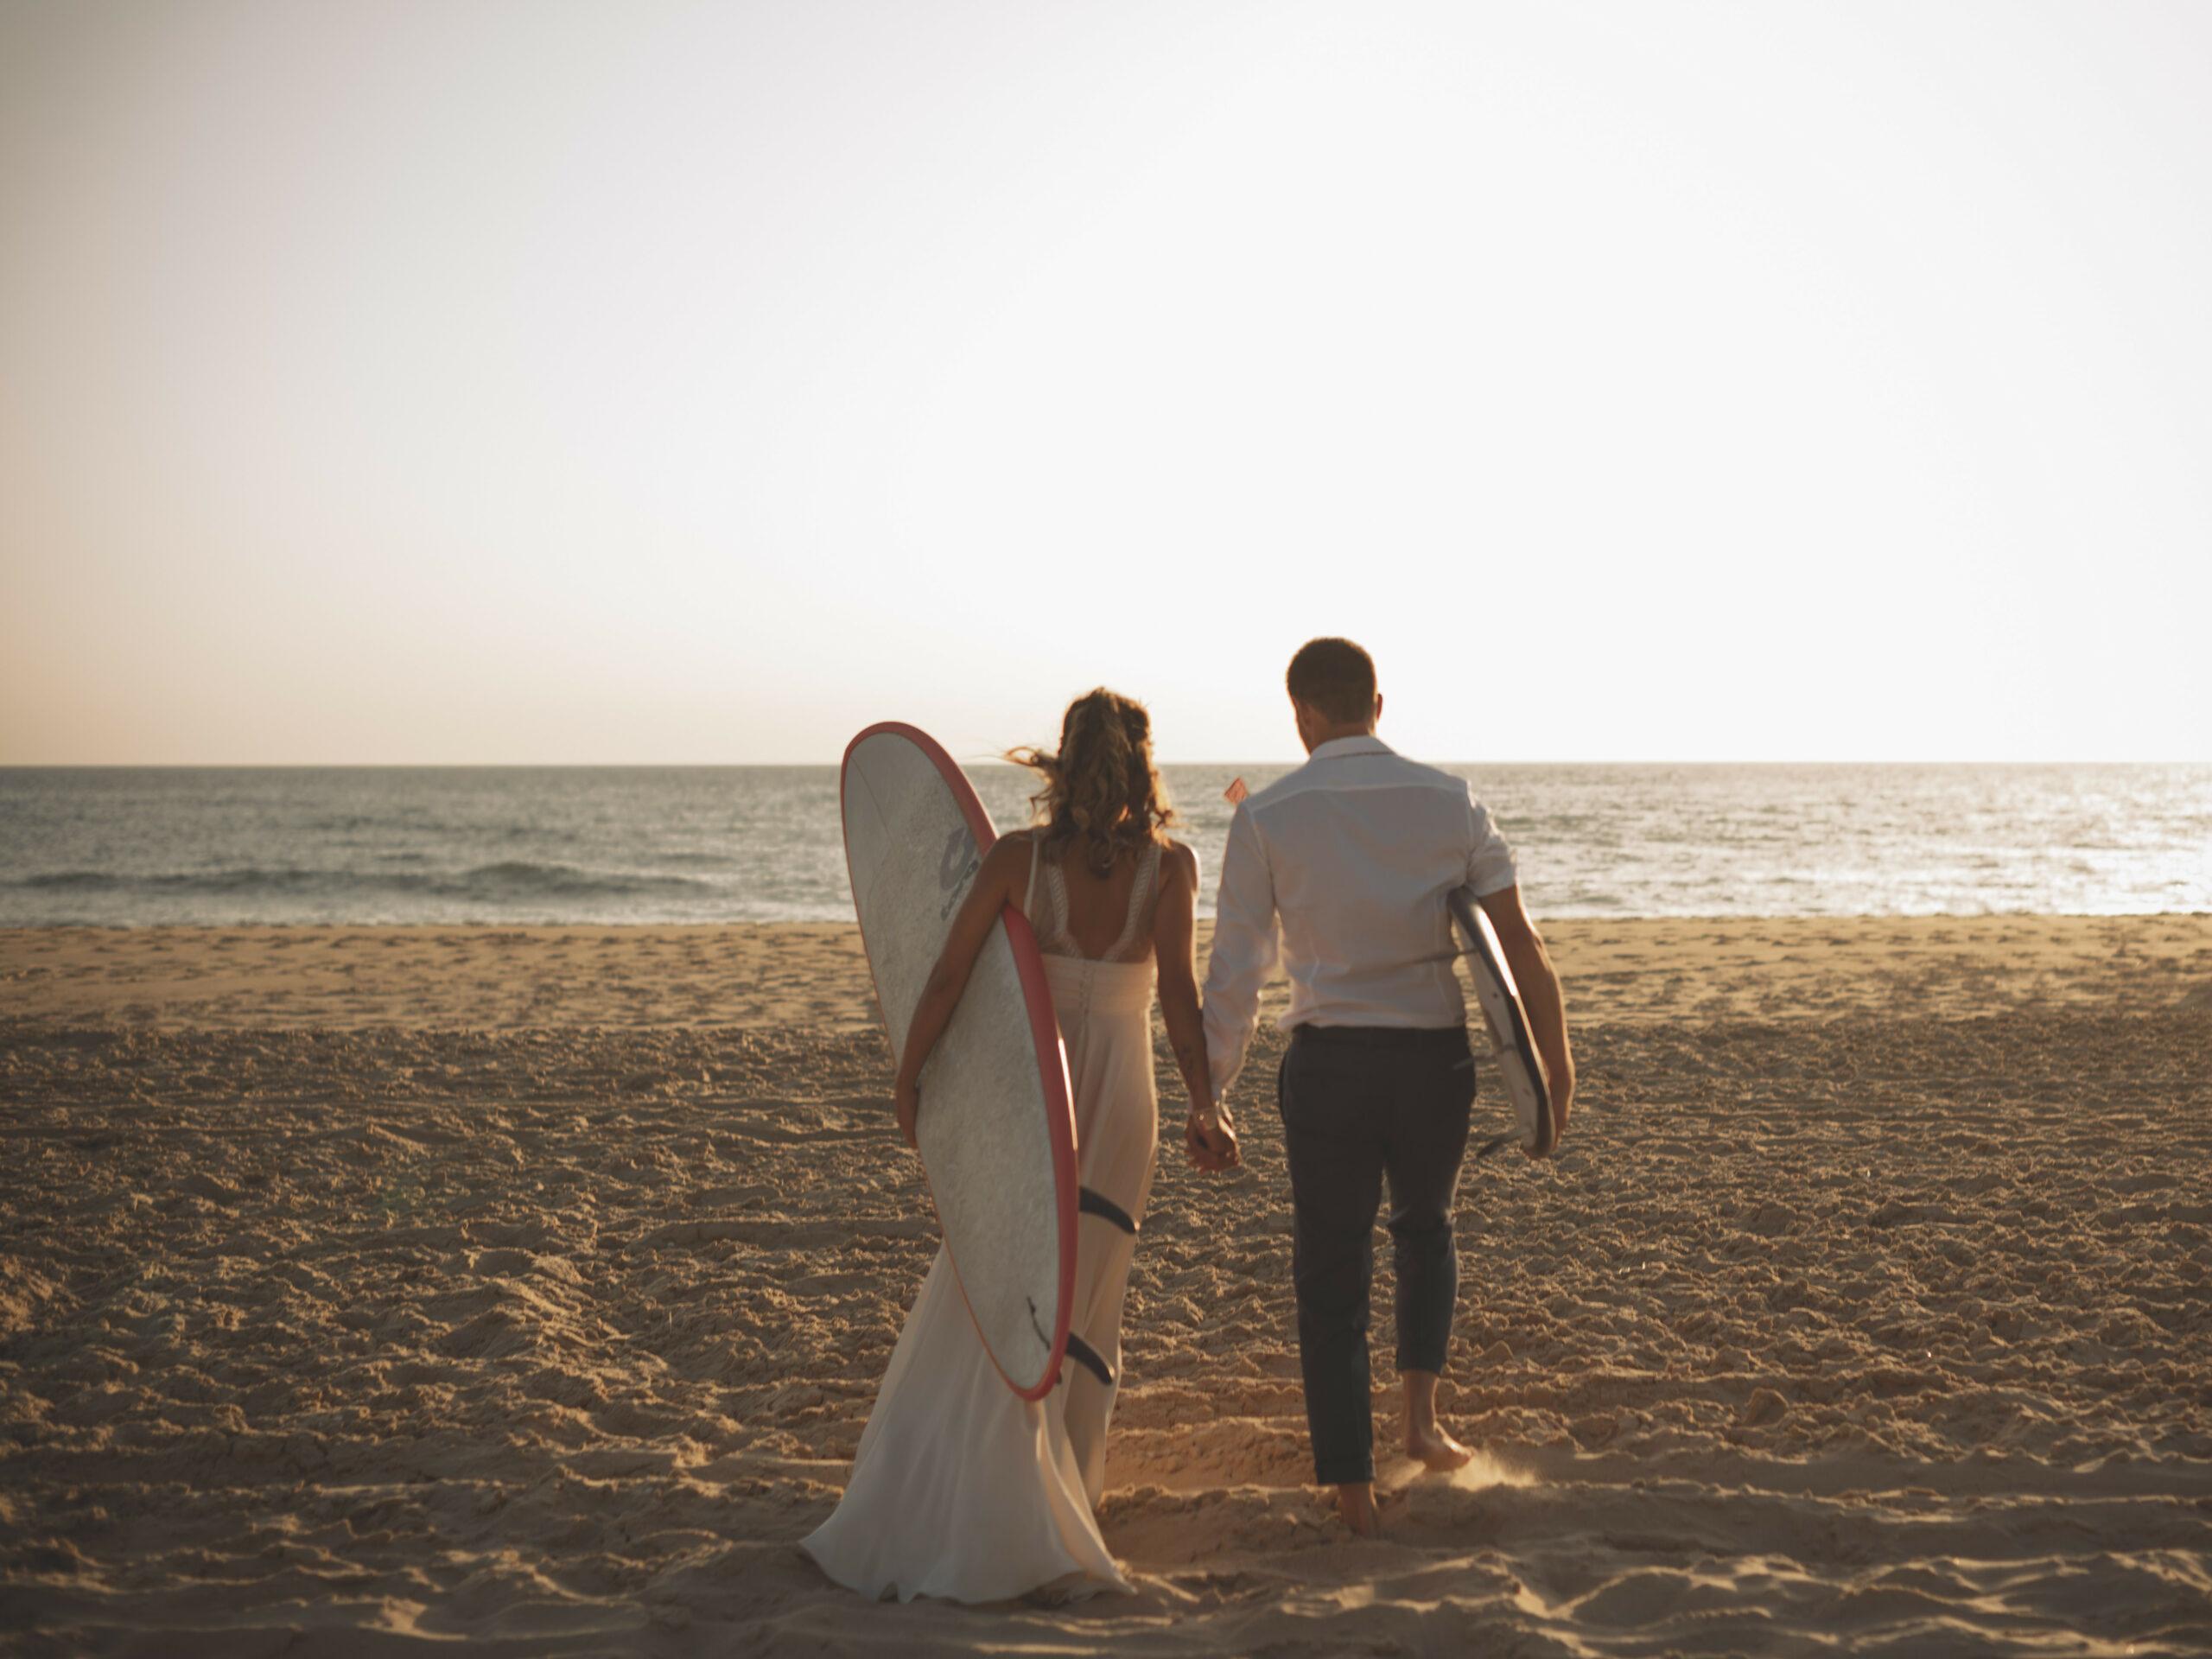 D Day Wedding Planner La Rochelle Wedding Planner Charente-Maritime Chaussures de mariée chaussure de mariage wedding shoes mariage à la plage pieds dans le sable pieds nus surfeurs surf mariée marié